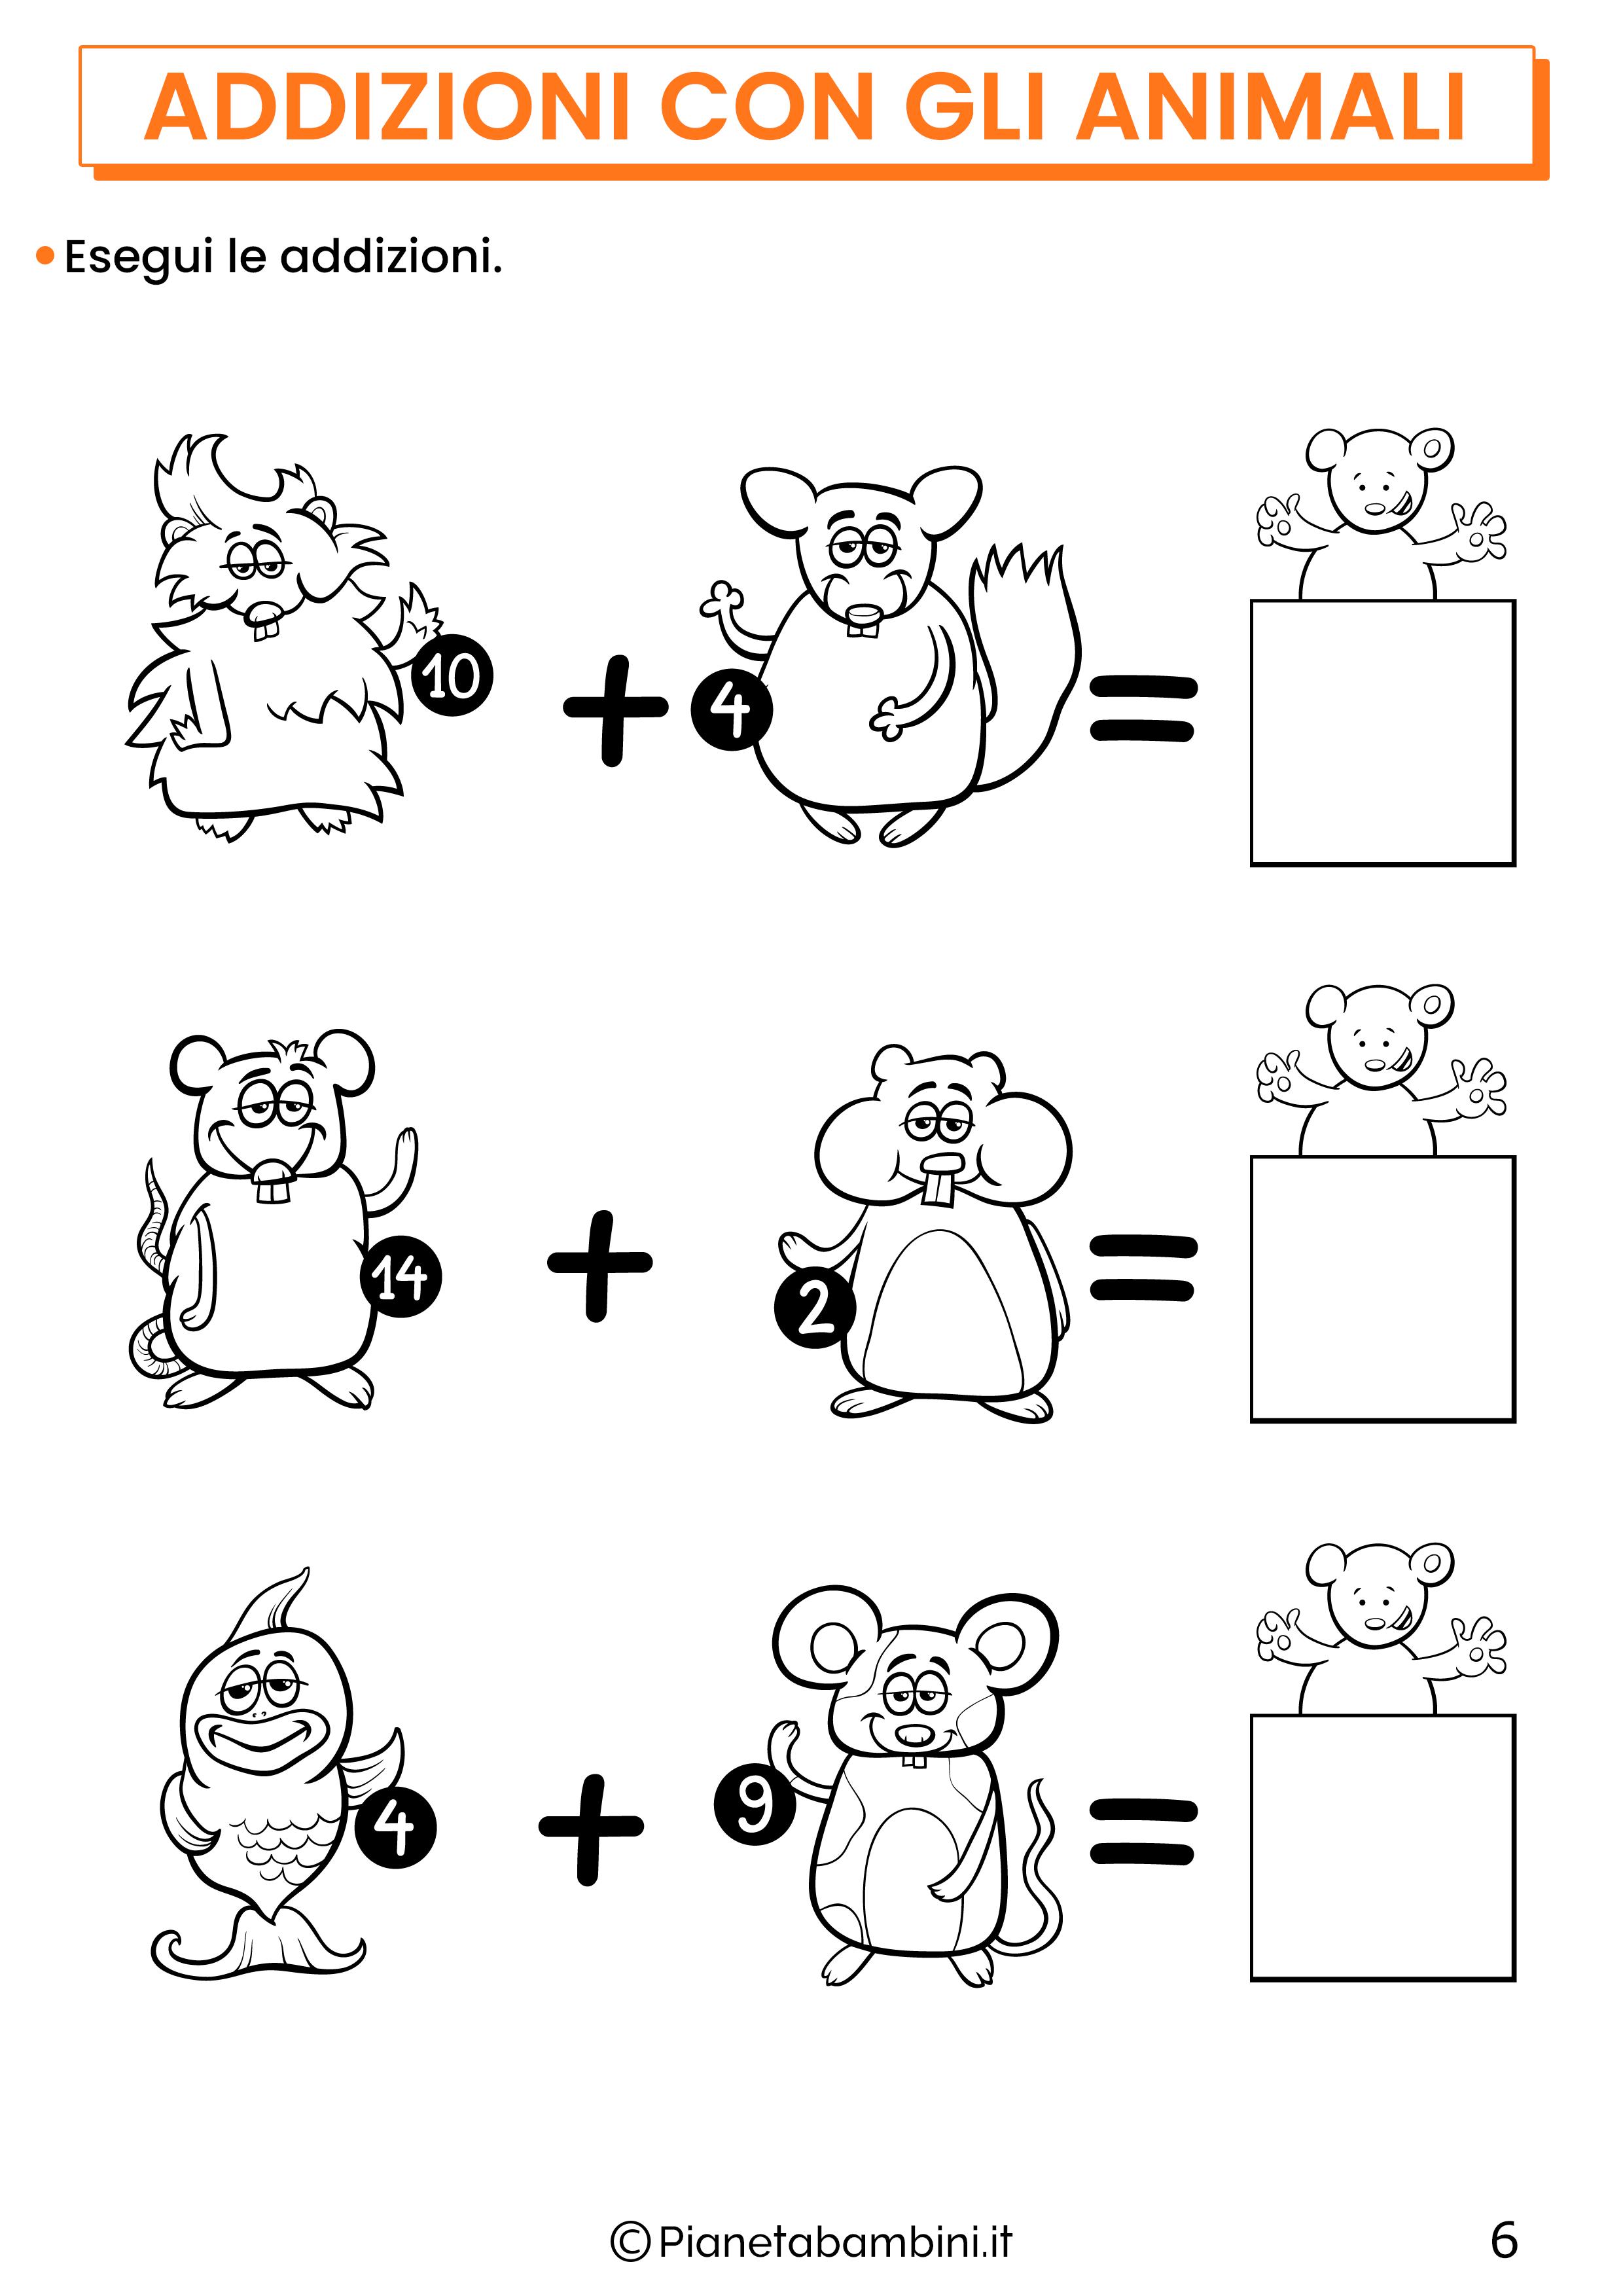 Addizioni con gli animali per la classe prima pagina 6